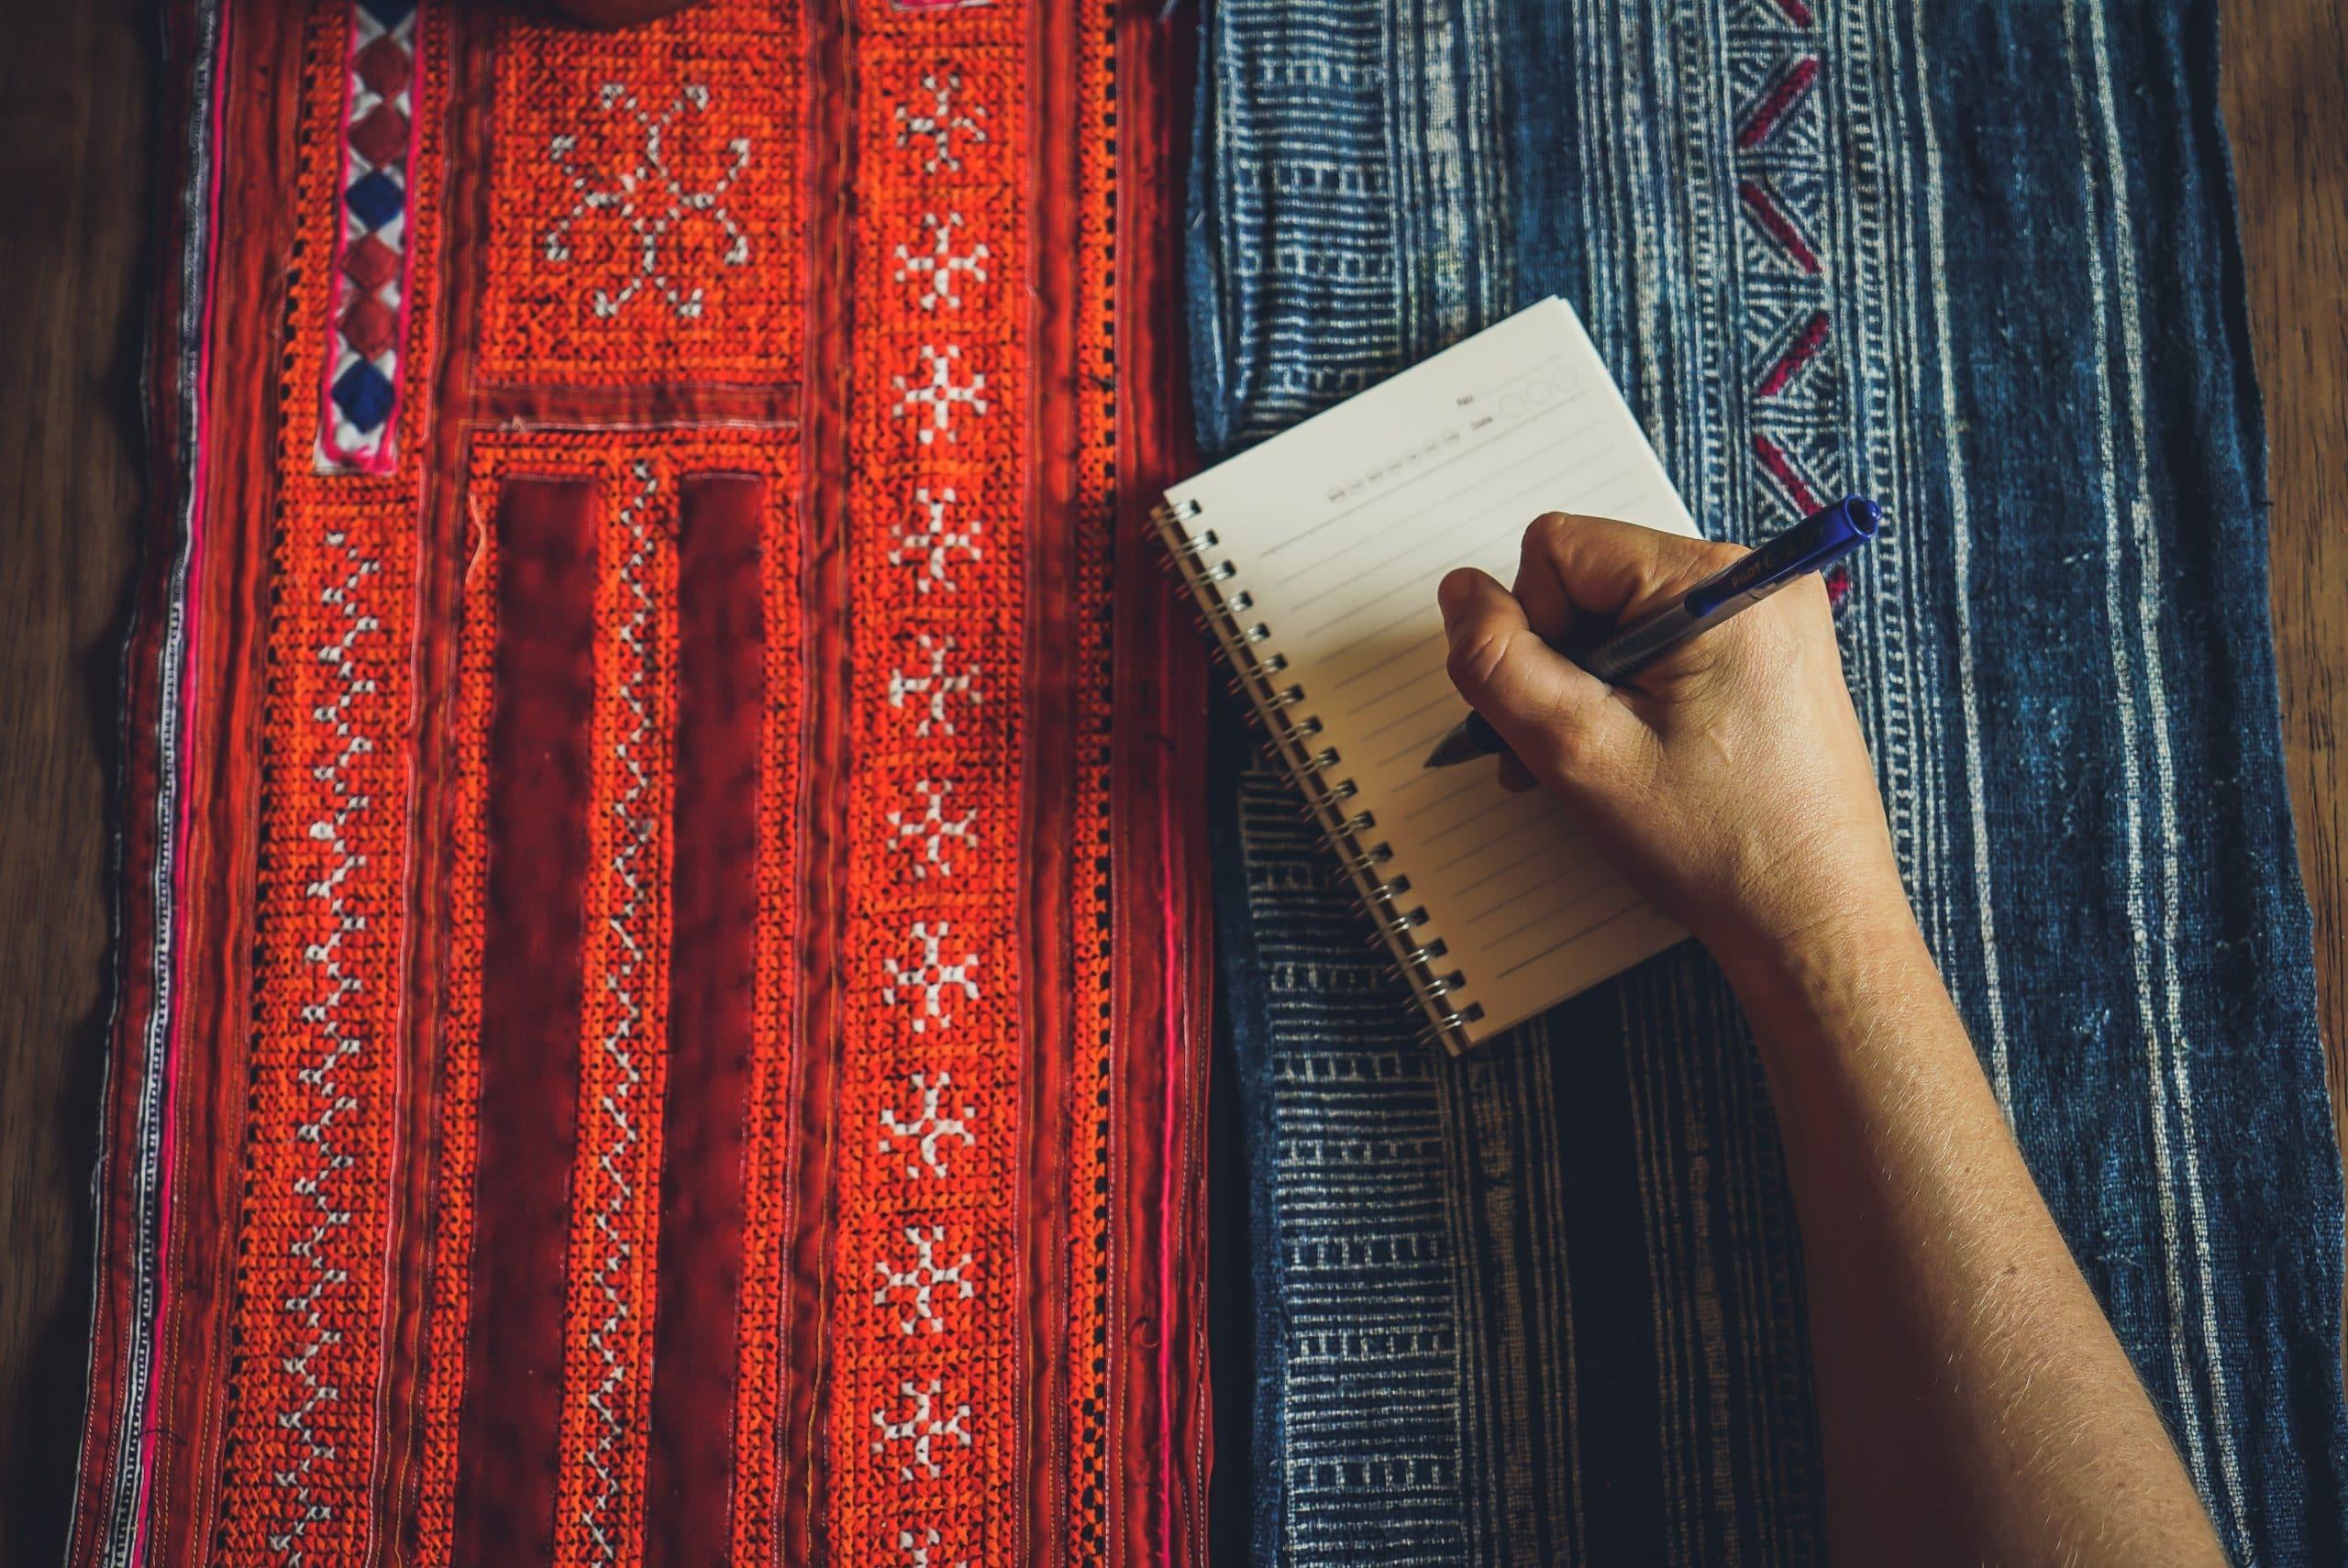 Mão segurando uma caneta sobre bloco de notas.